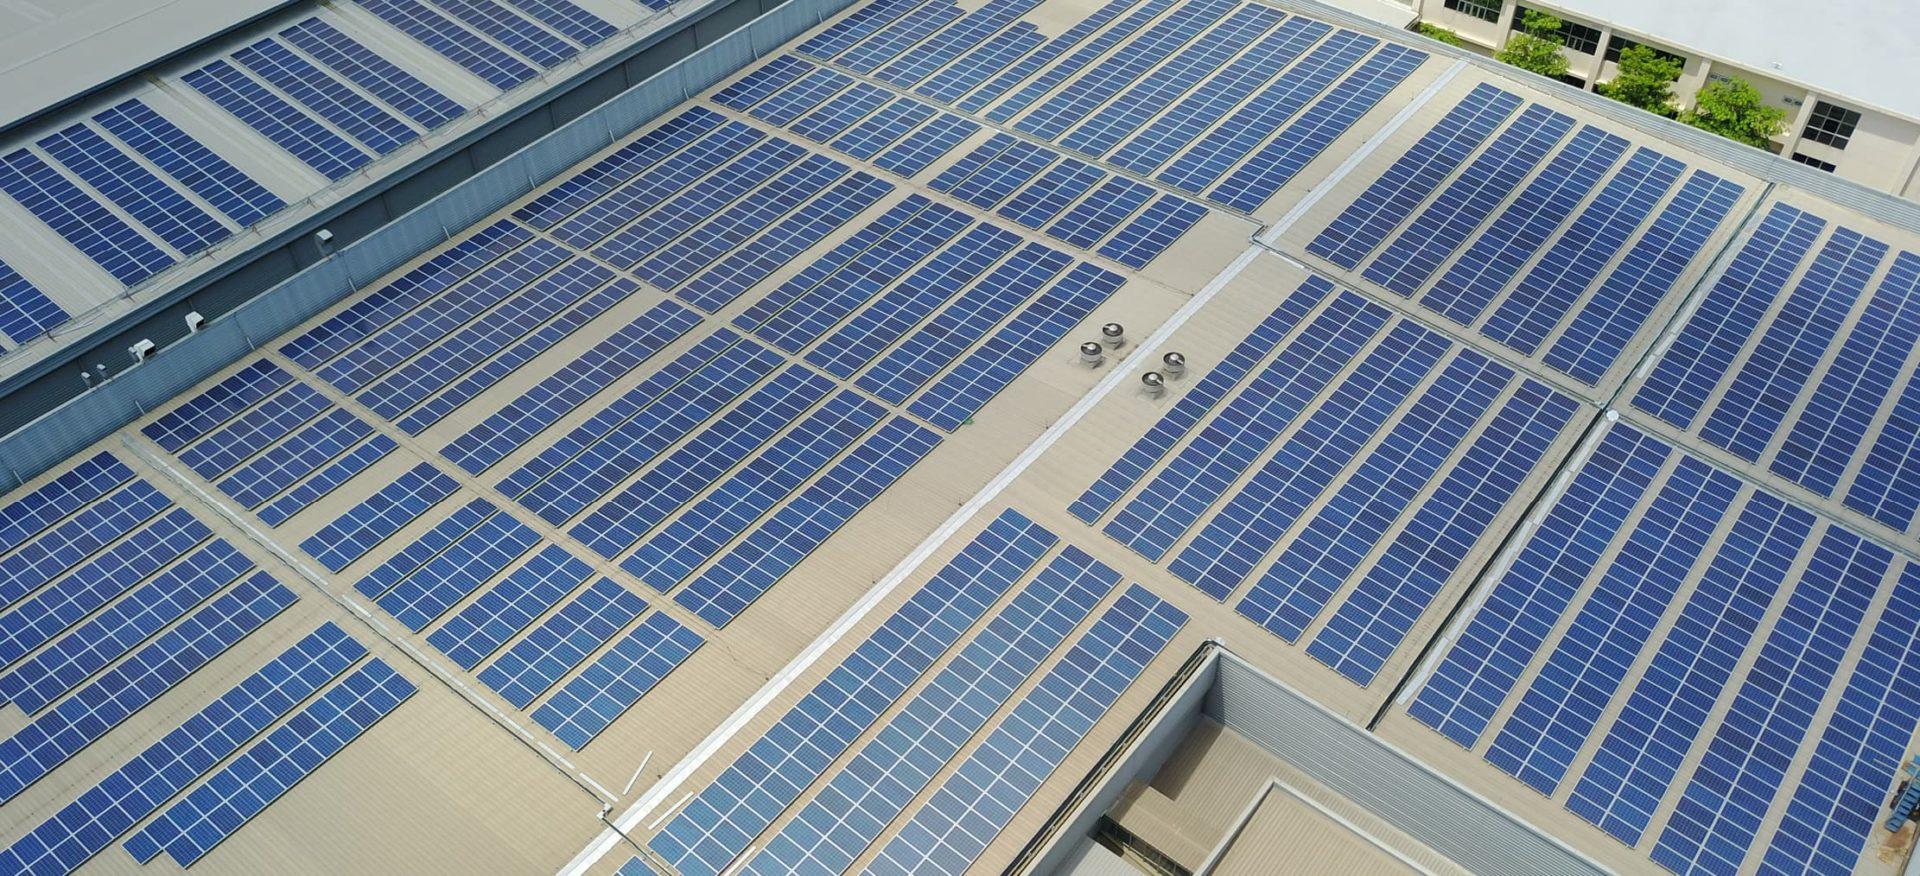 Luftaufnahme eines Solardaches des Unternehmes TKS in Thailand